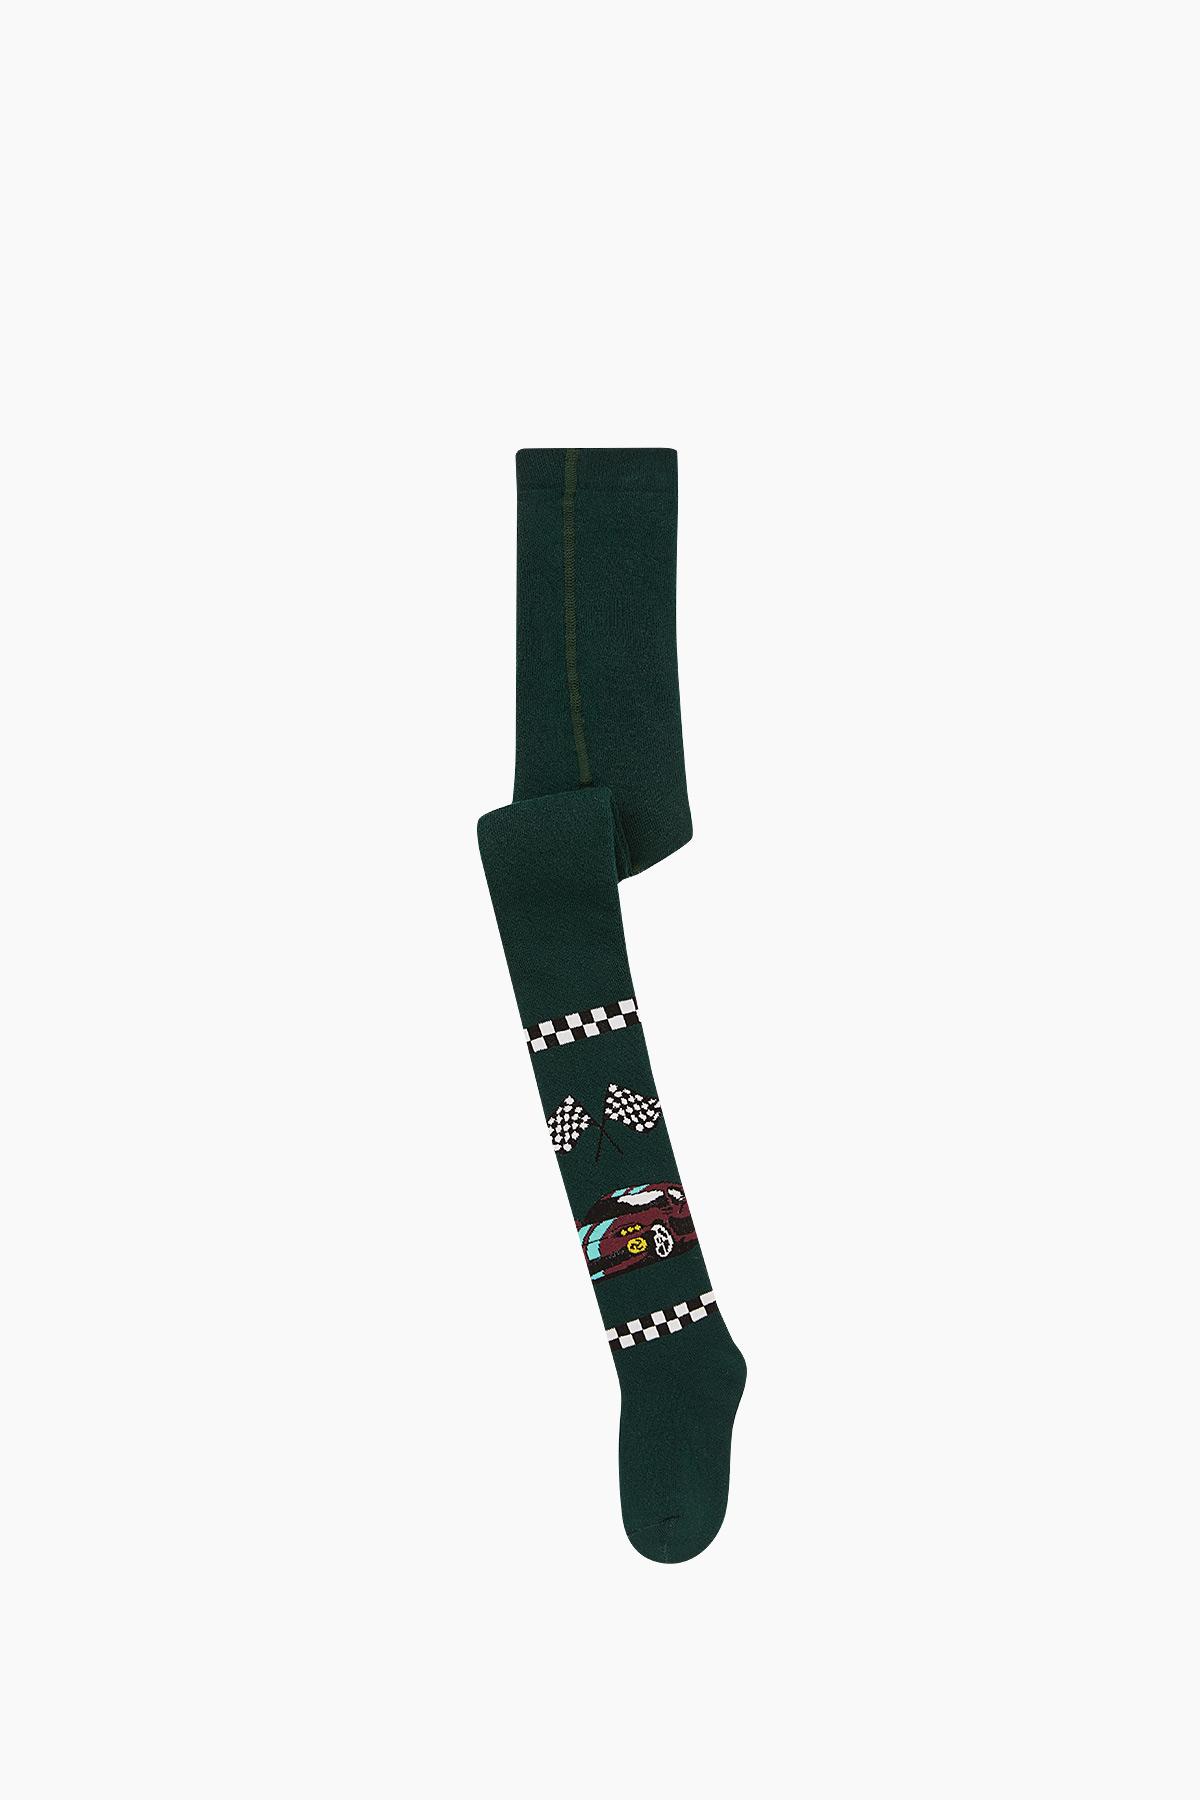 Bross - Bross Araba Desenli Havlu Külotlu Çocuk Çorabı